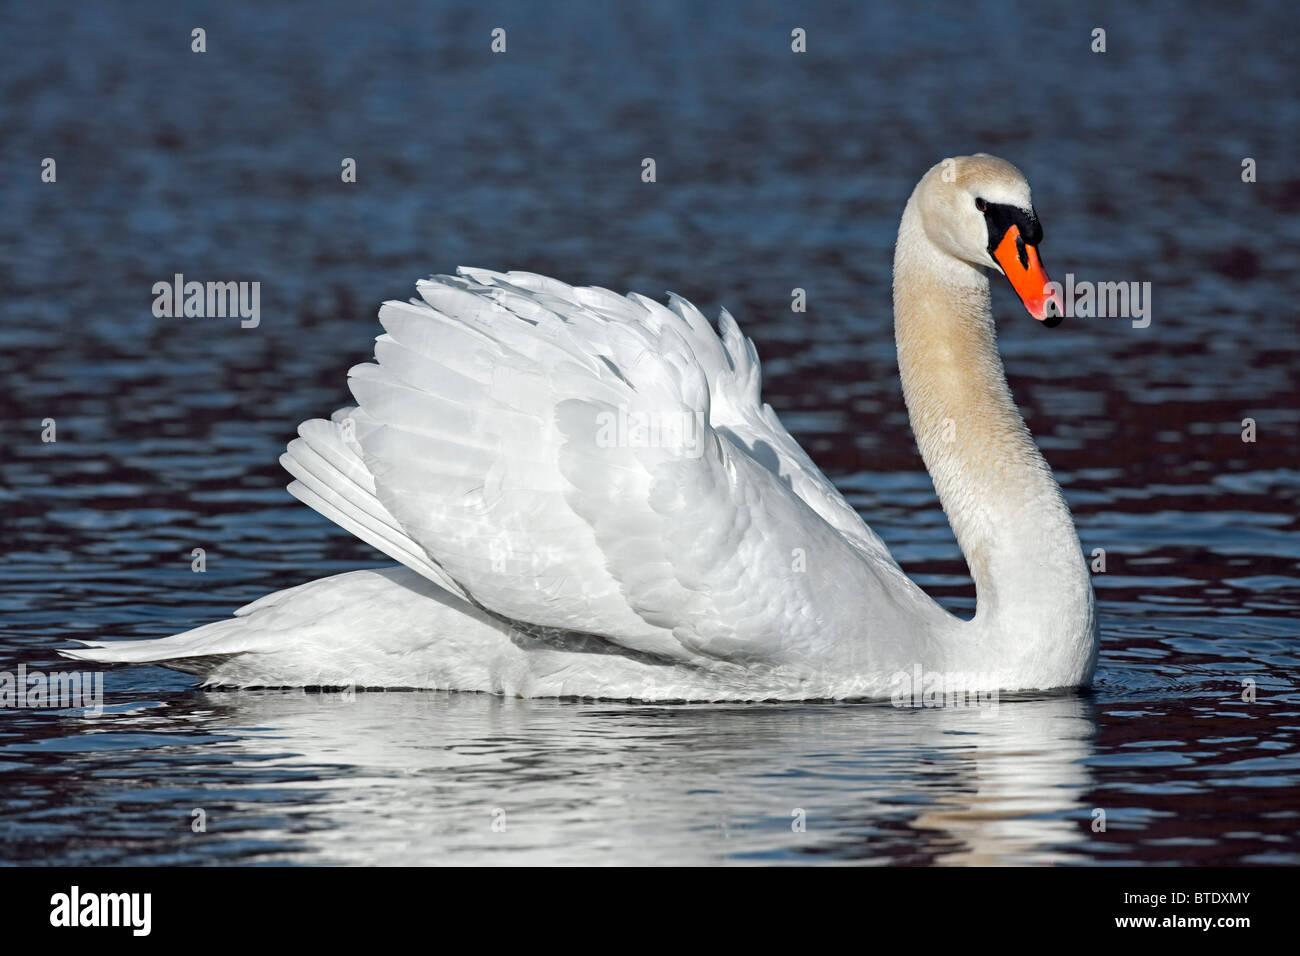 Cisne (Cygnus olor) en el lago mostrando busking amenaza pantalla, Alemania Imagen De Stock